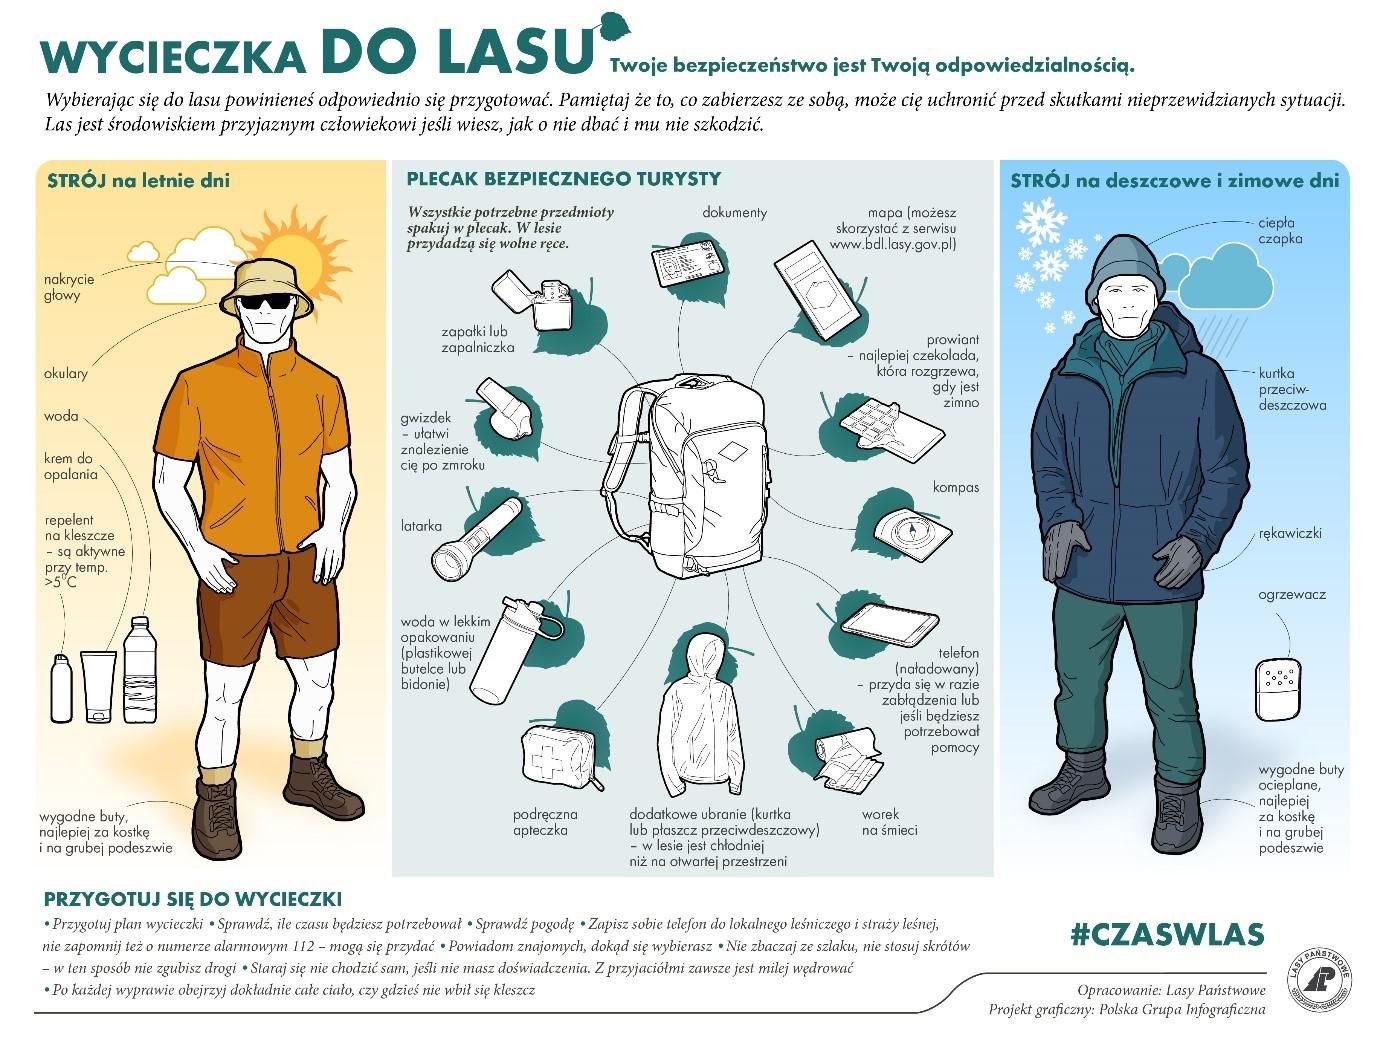 Wycieczka do lasu - jak się przygotować (fot. gryfino.szczecin.lasy.gov.pl)